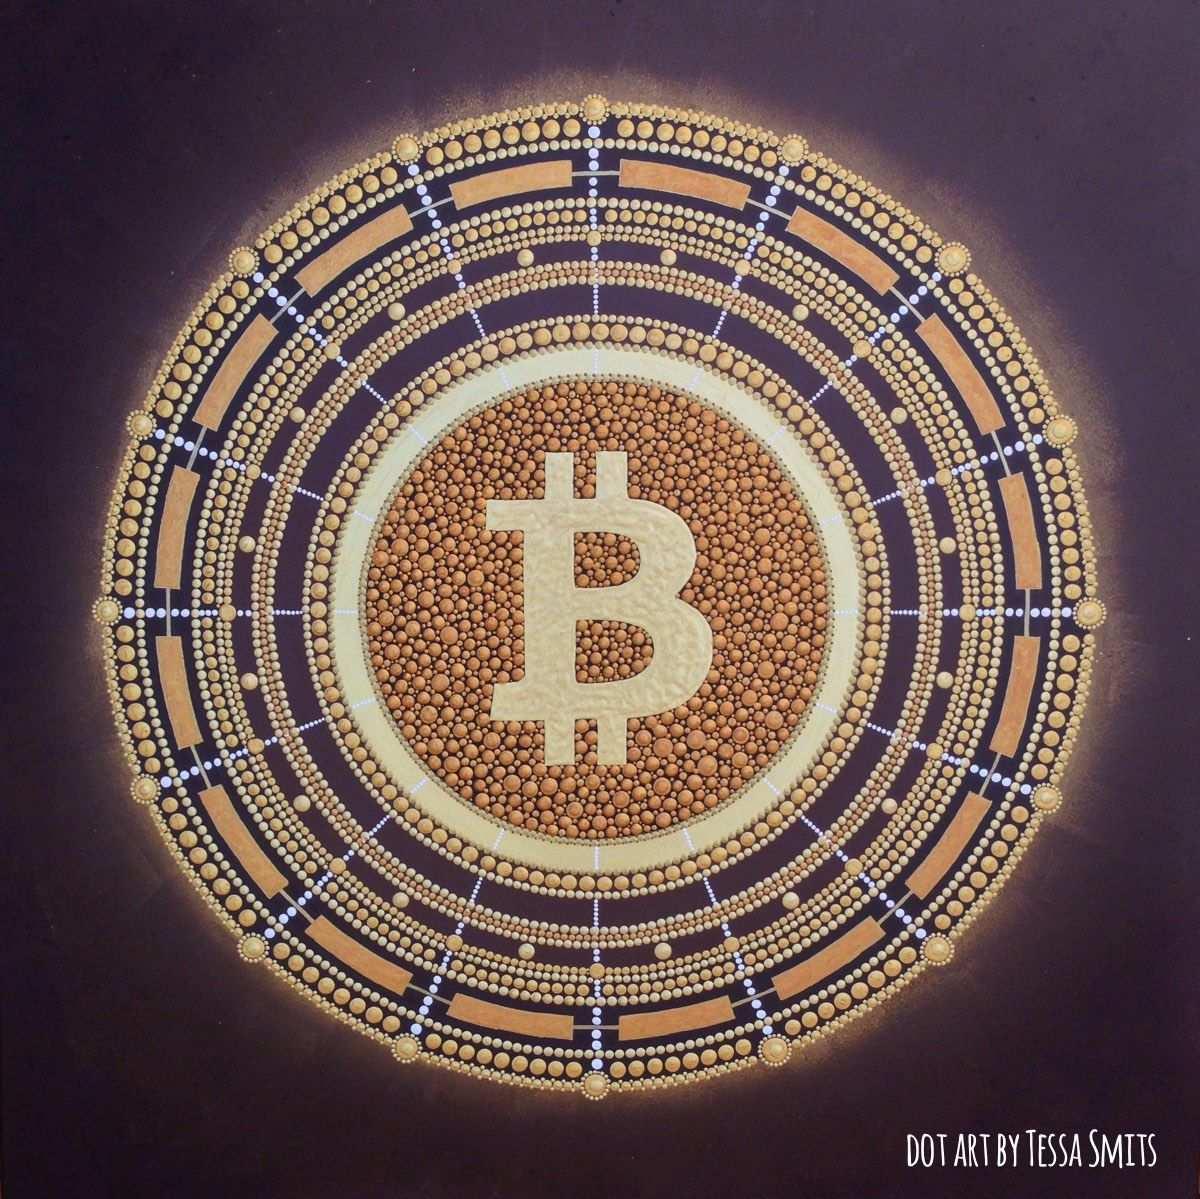 Bitcoin Money Flow Nr 1 The Dot Kunstwerk En Abstract